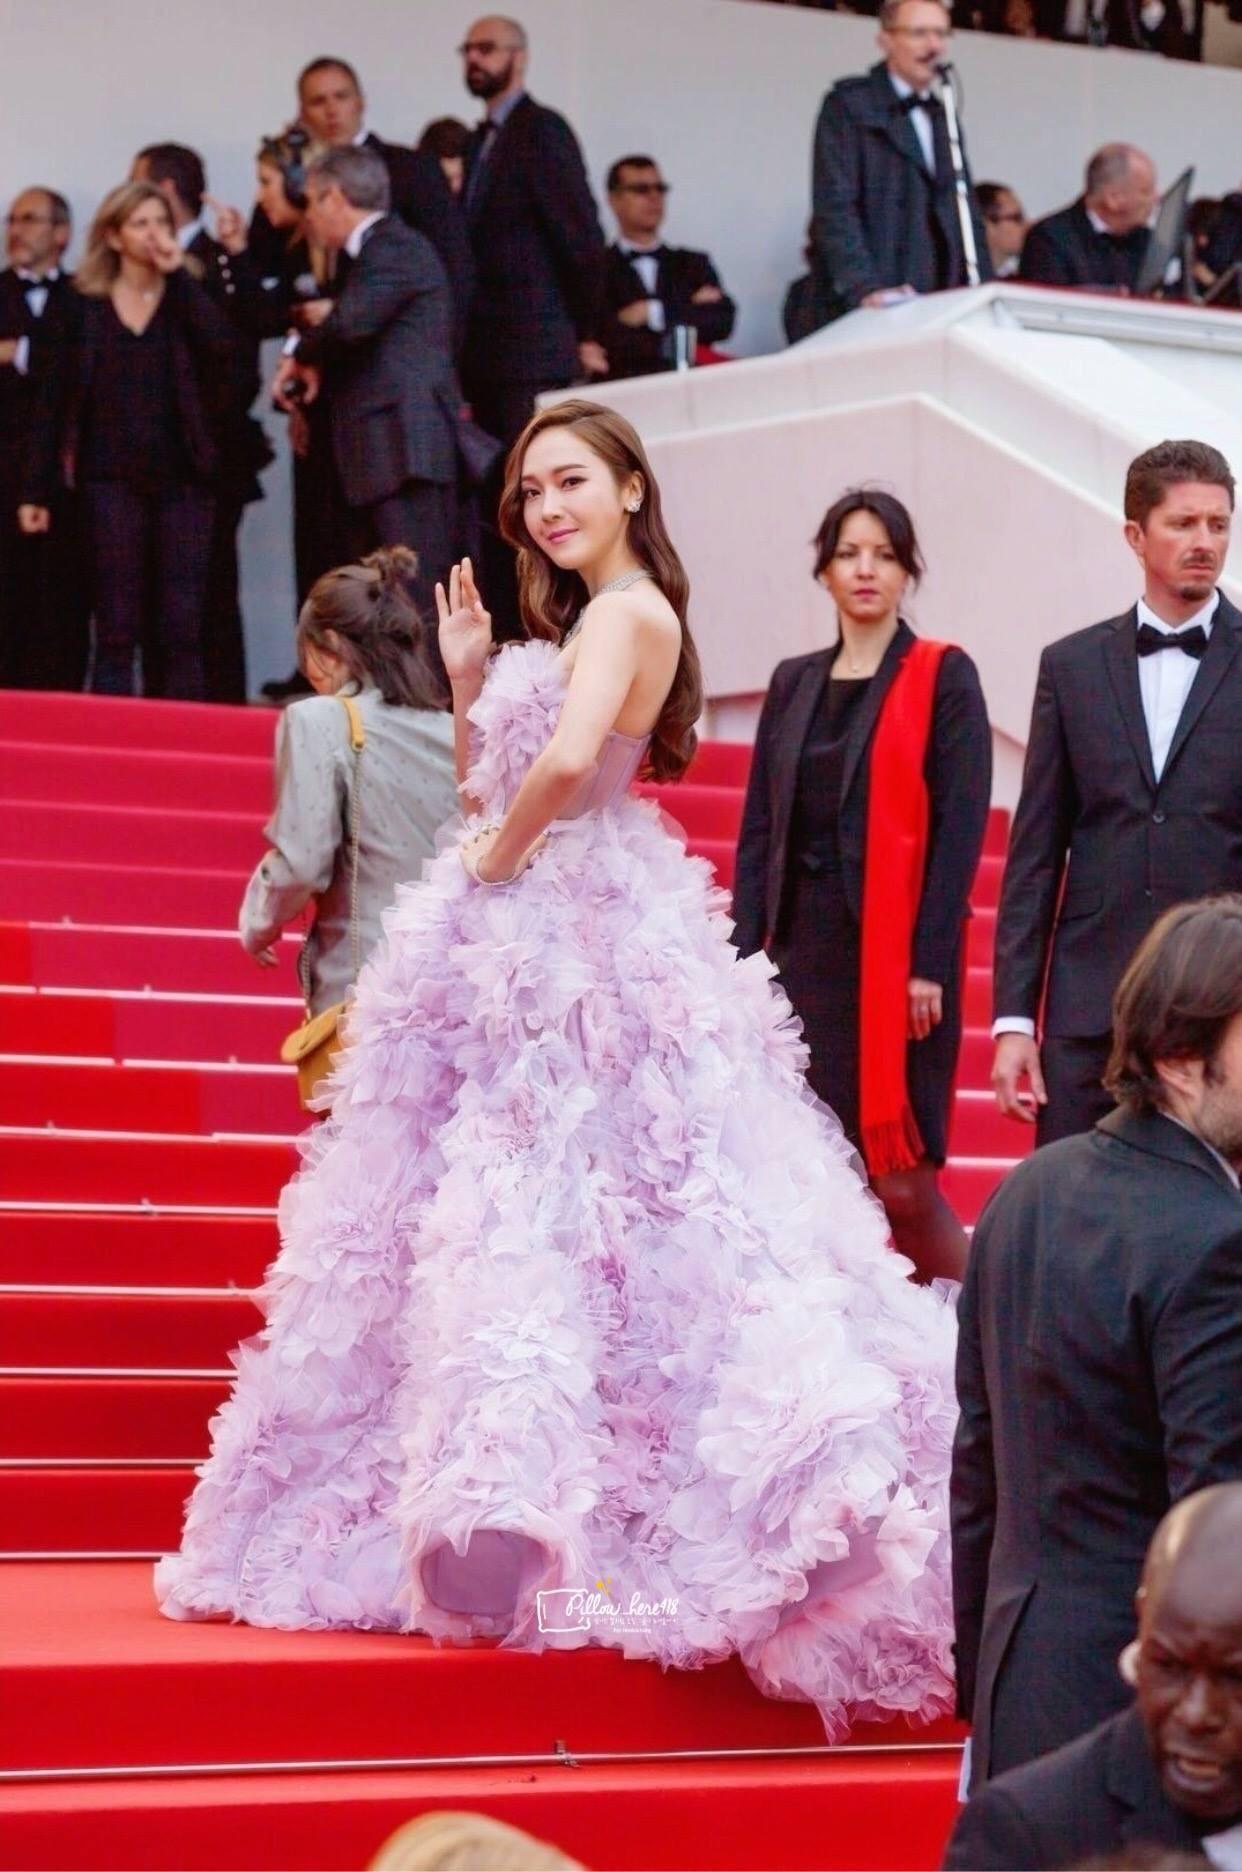 Cận cảnh khoảnh khắc lật mặt như bánh tráng của Jessica khi bị đuổi khéo vì câu giờ tạo dáng trên thảm đỏ Cannes - Ảnh 9.